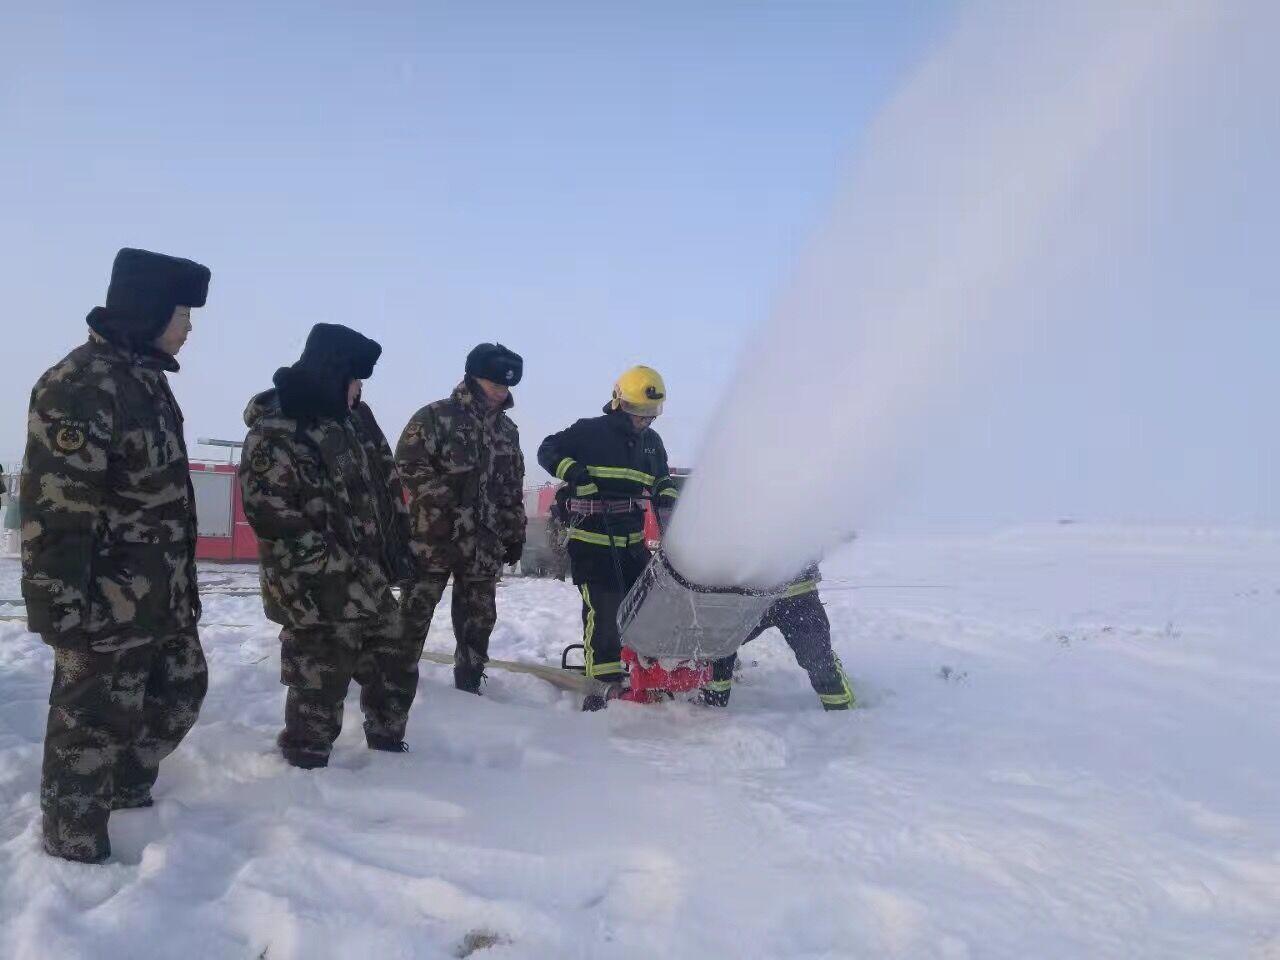 戈壁灘上的救援隊:守護新疆的燃料生命線